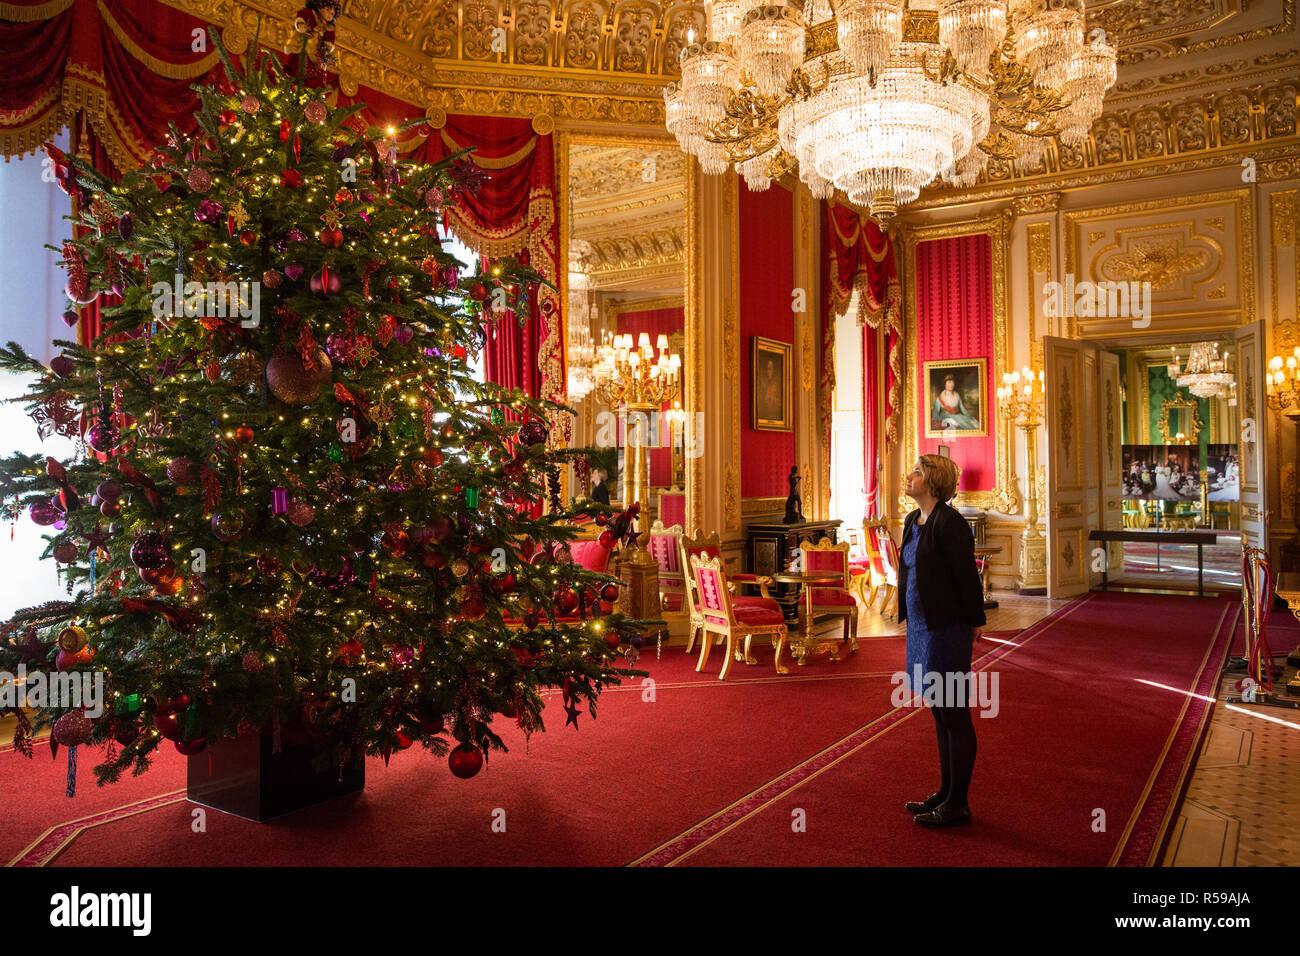 Weihnachtsbäume Dekorationen Kugeln Stockfotos & Weihnachtsbäume ...